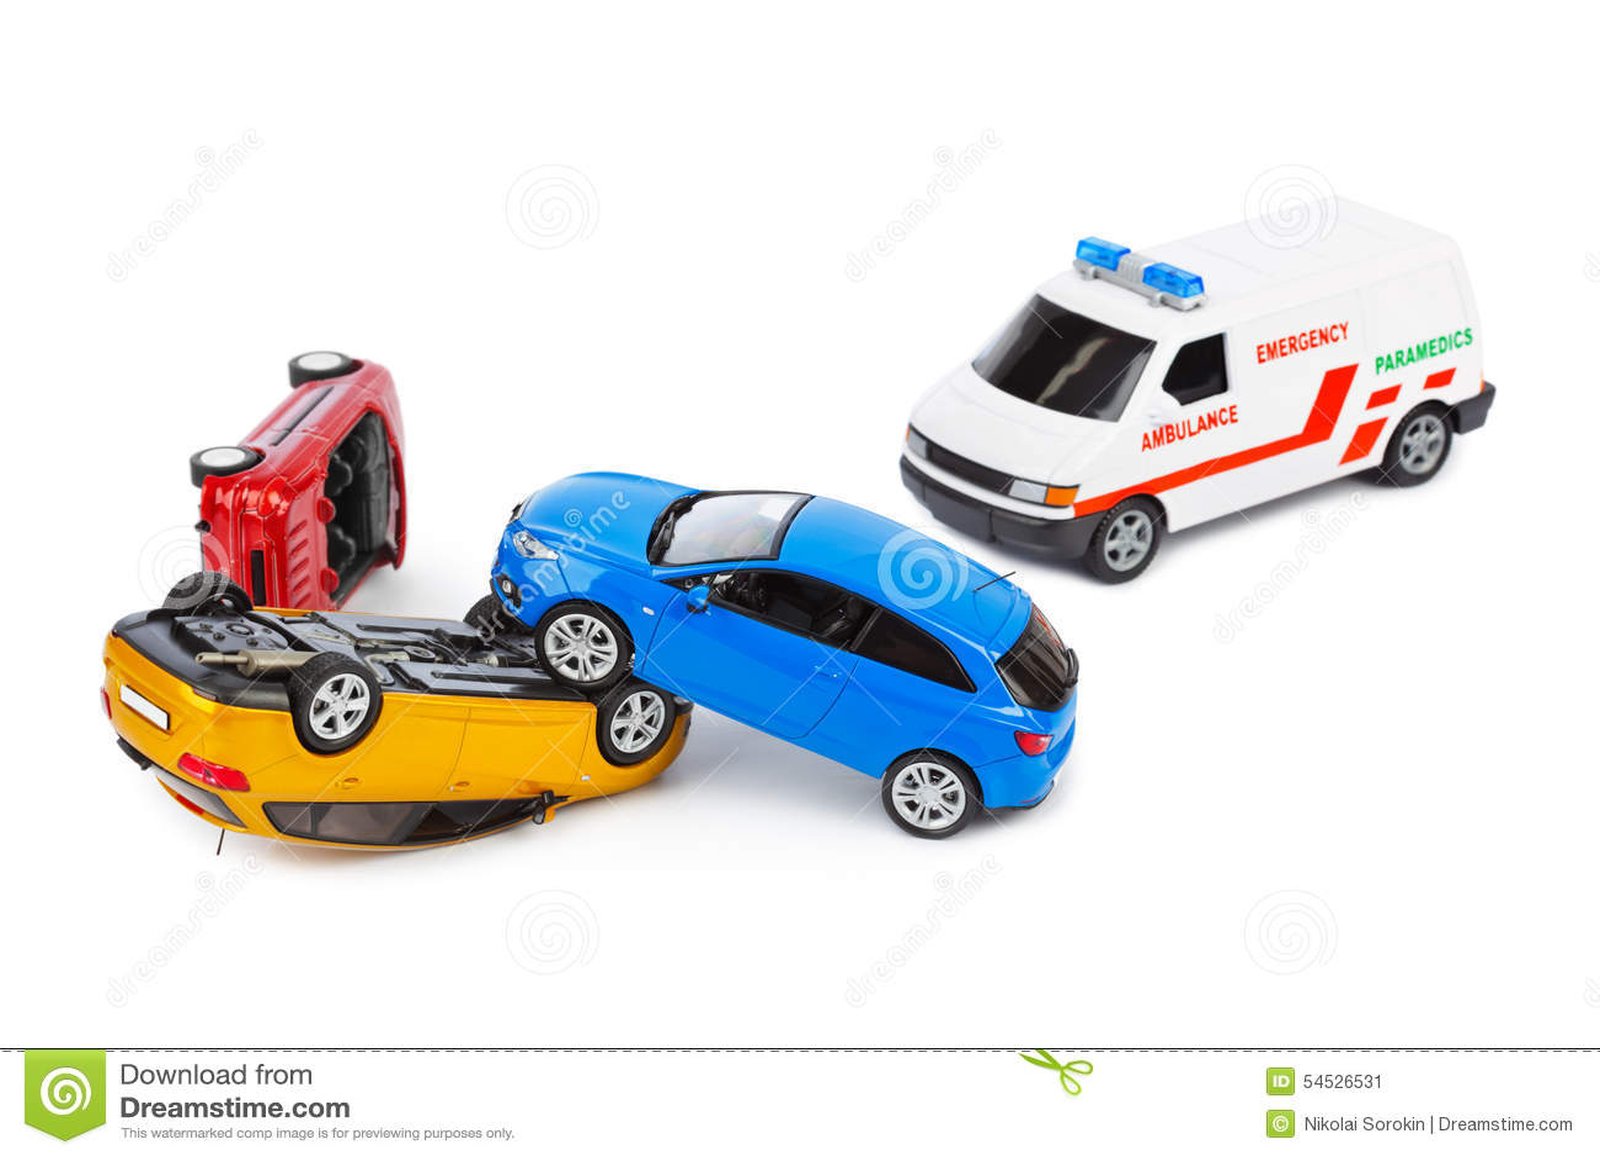 voitures de jouet d 39 accident et voiture d 39 ambulance photo stock image 54526531. Black Bedroom Furniture Sets. Home Design Ideas